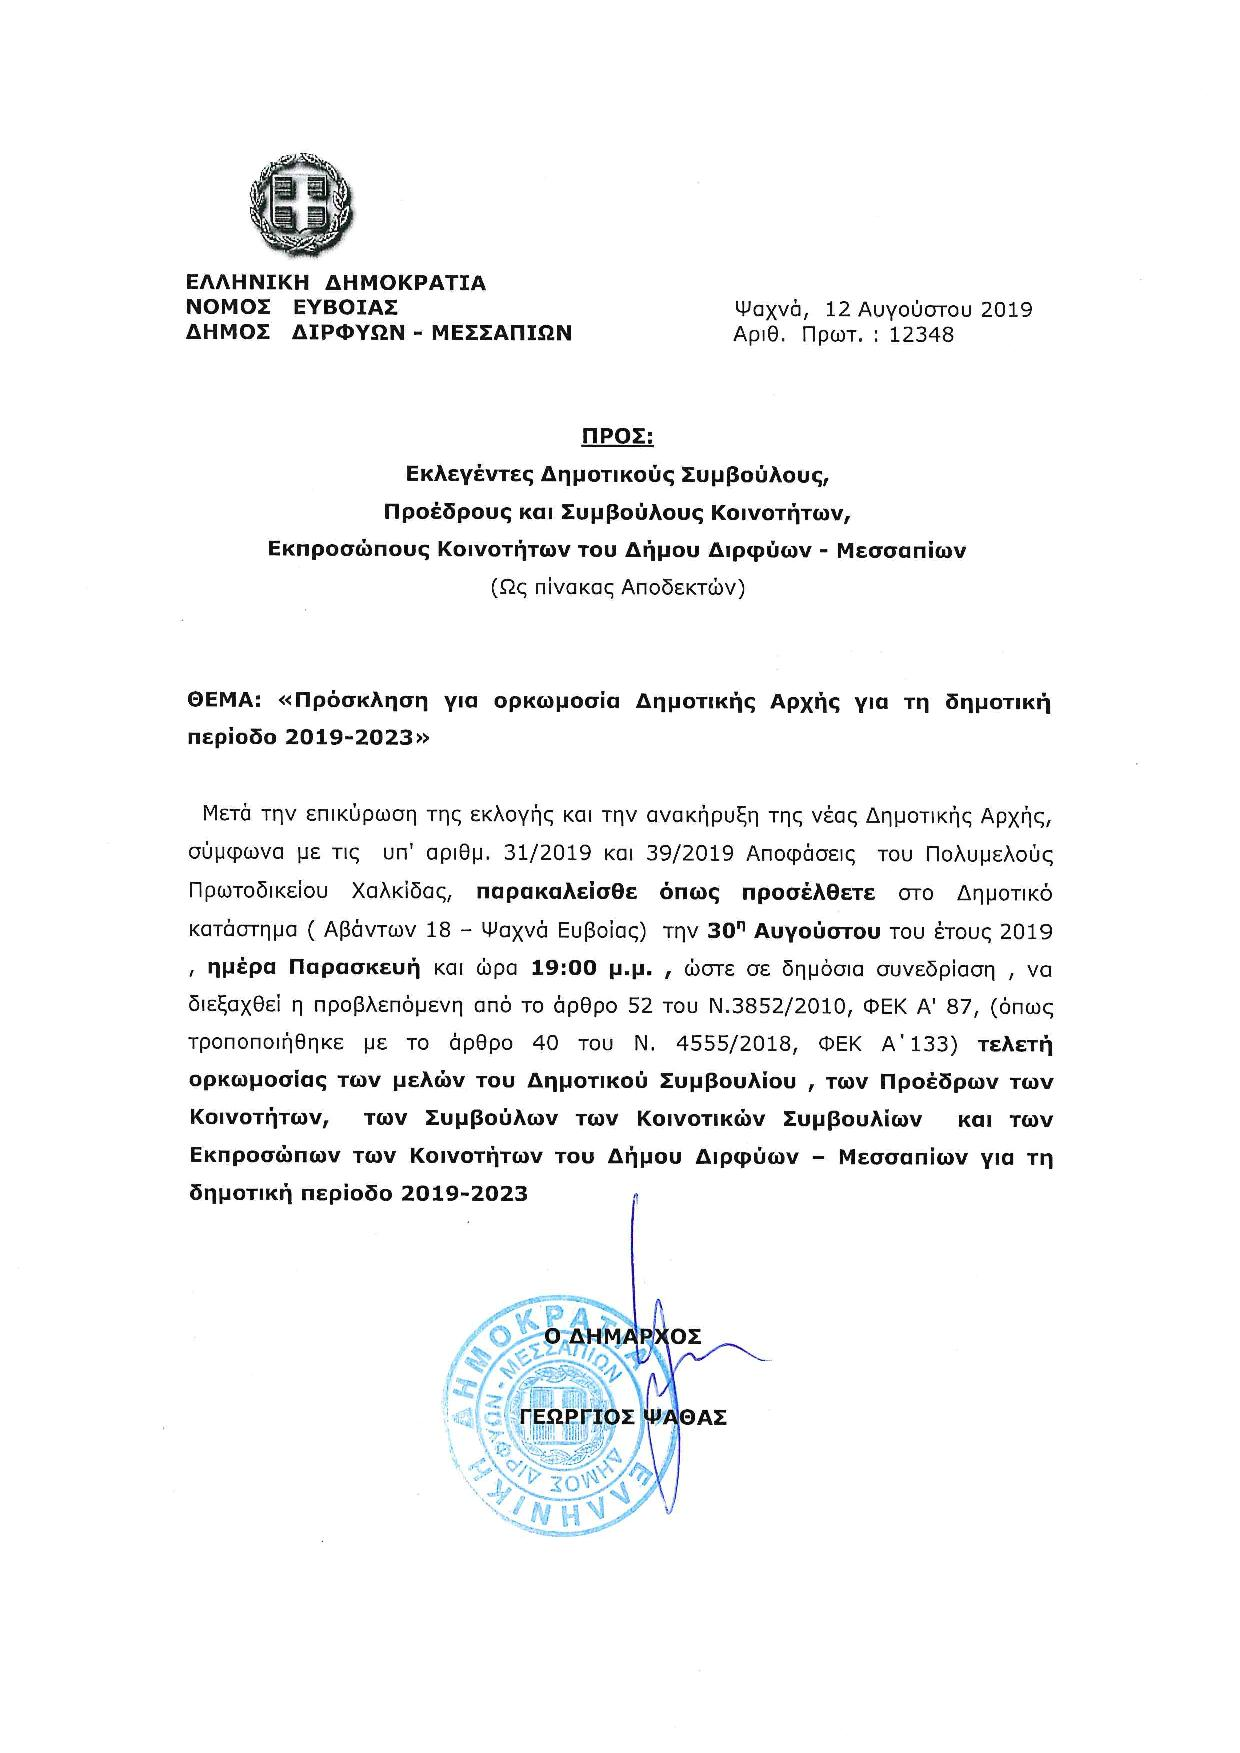 Παρασκευή 30 Αυγούστου η ορκομωσία της νέας Δημοτικής αρχής του Δήμου Διρφύων Μεσσαπίων 1 4